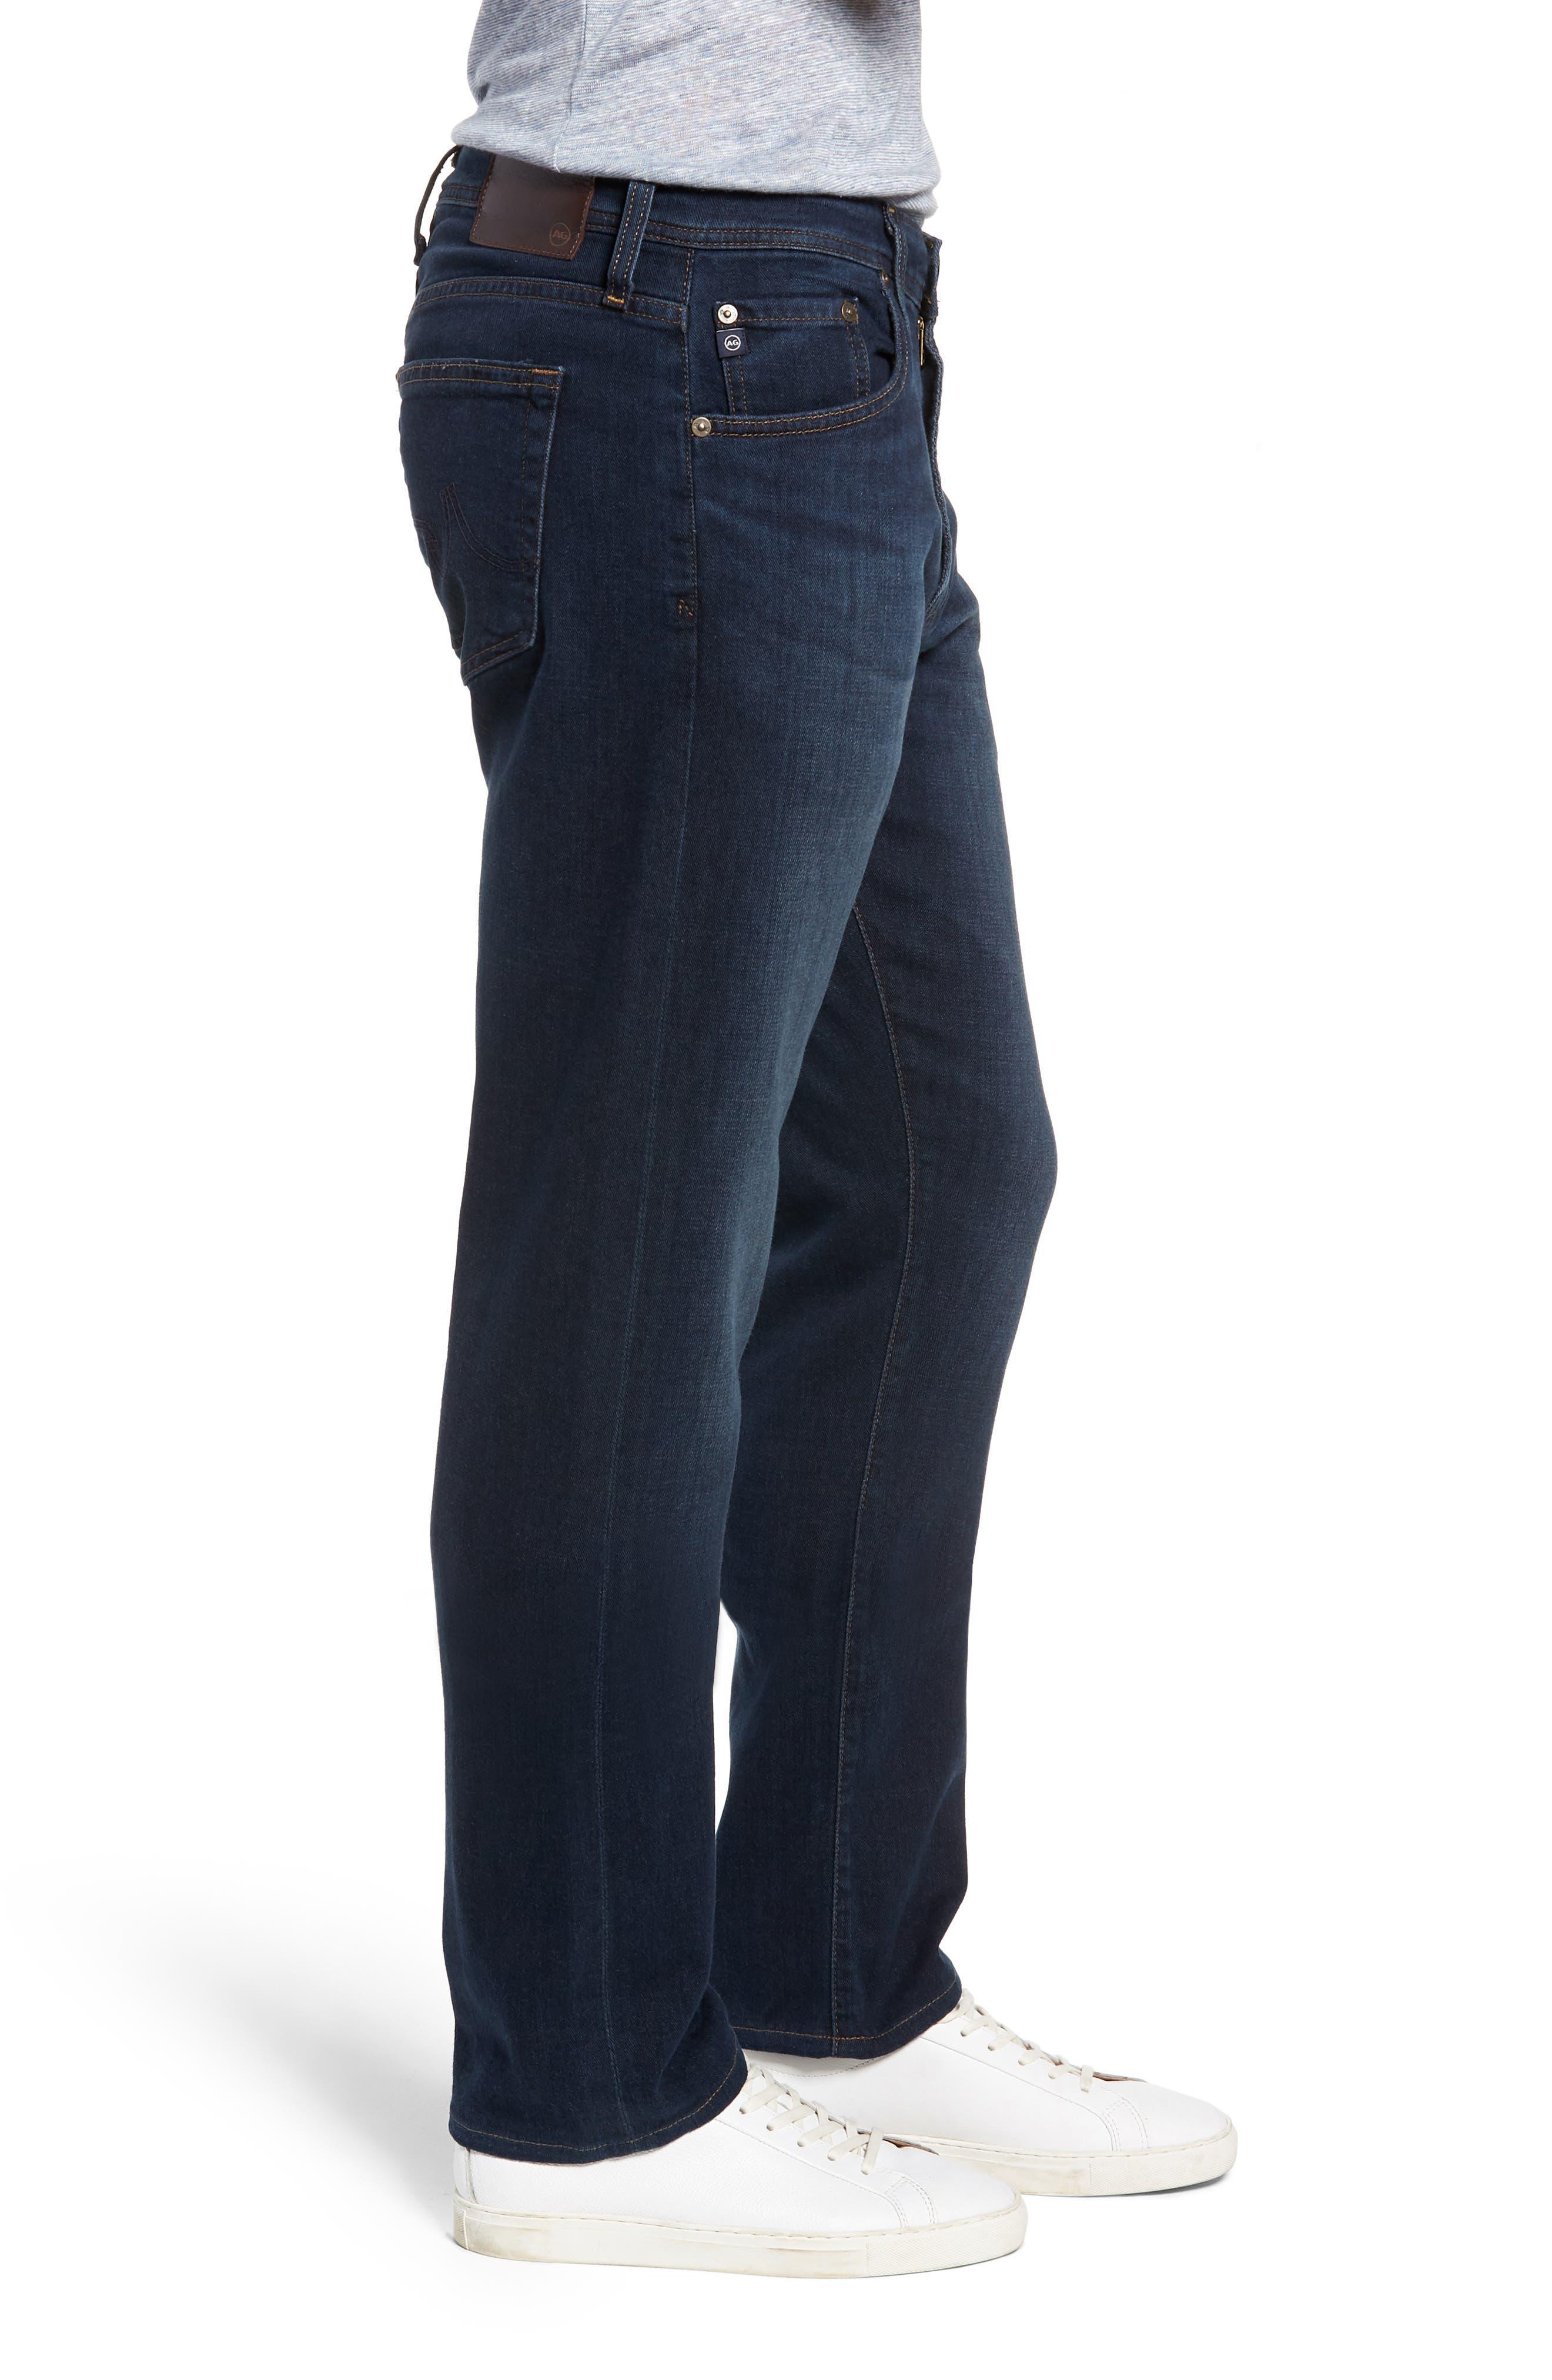 Ives Straight Leg Jeans,                             Alternate thumbnail 3, color,                             COVET